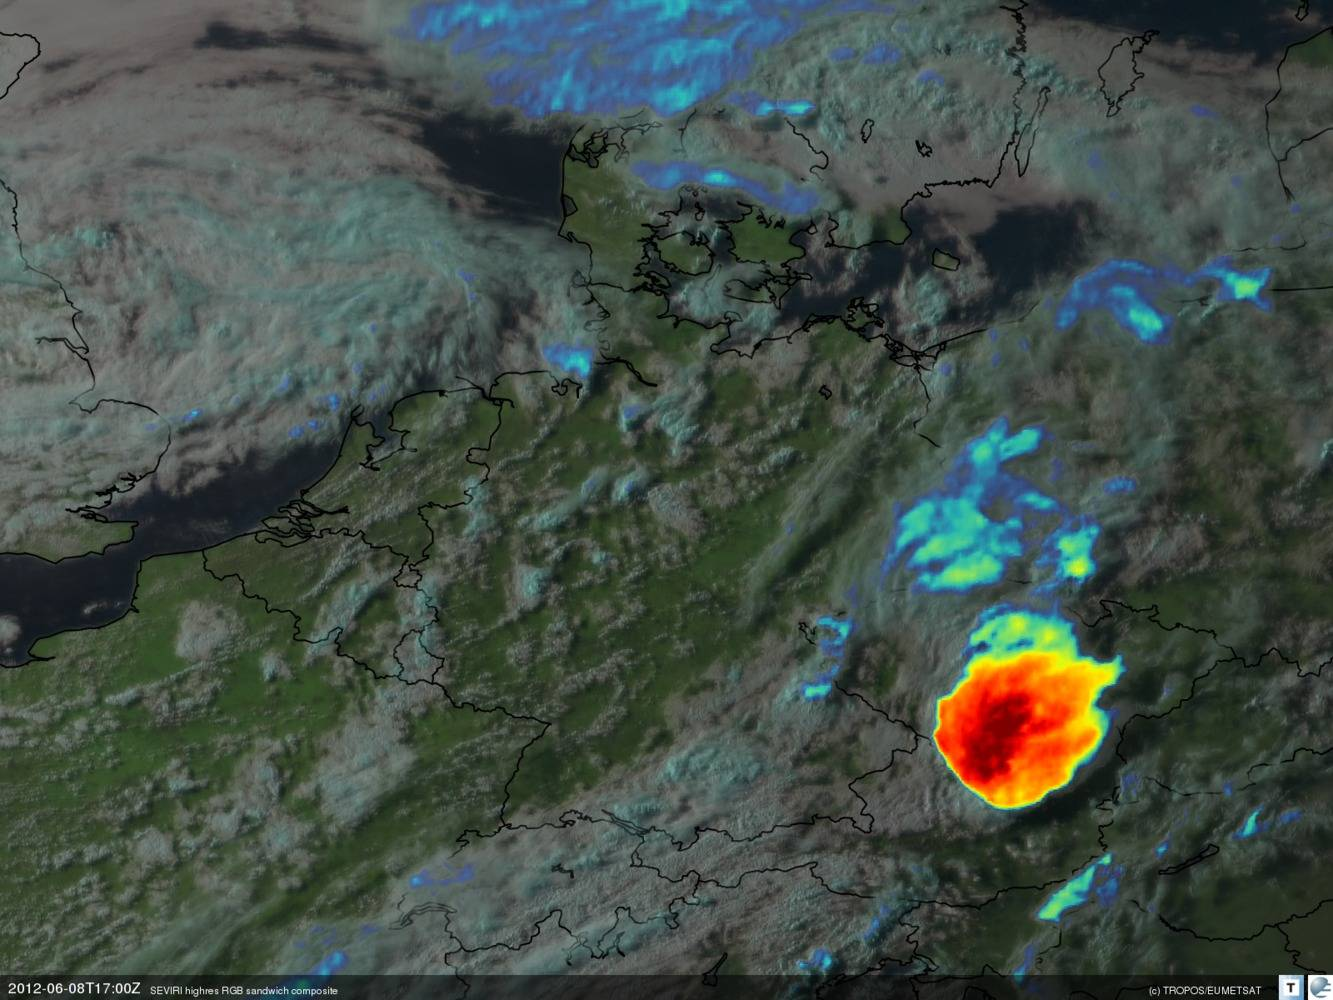 Meteosat-Aufnahme eines mächtigen mesoskaligen, konvektiven Systems über Tschechien und Österreich gegen Abend (19 Uhr lokale Sommerzeit am 08.06.2012). Quelle: TROPOS / EUMETSAT